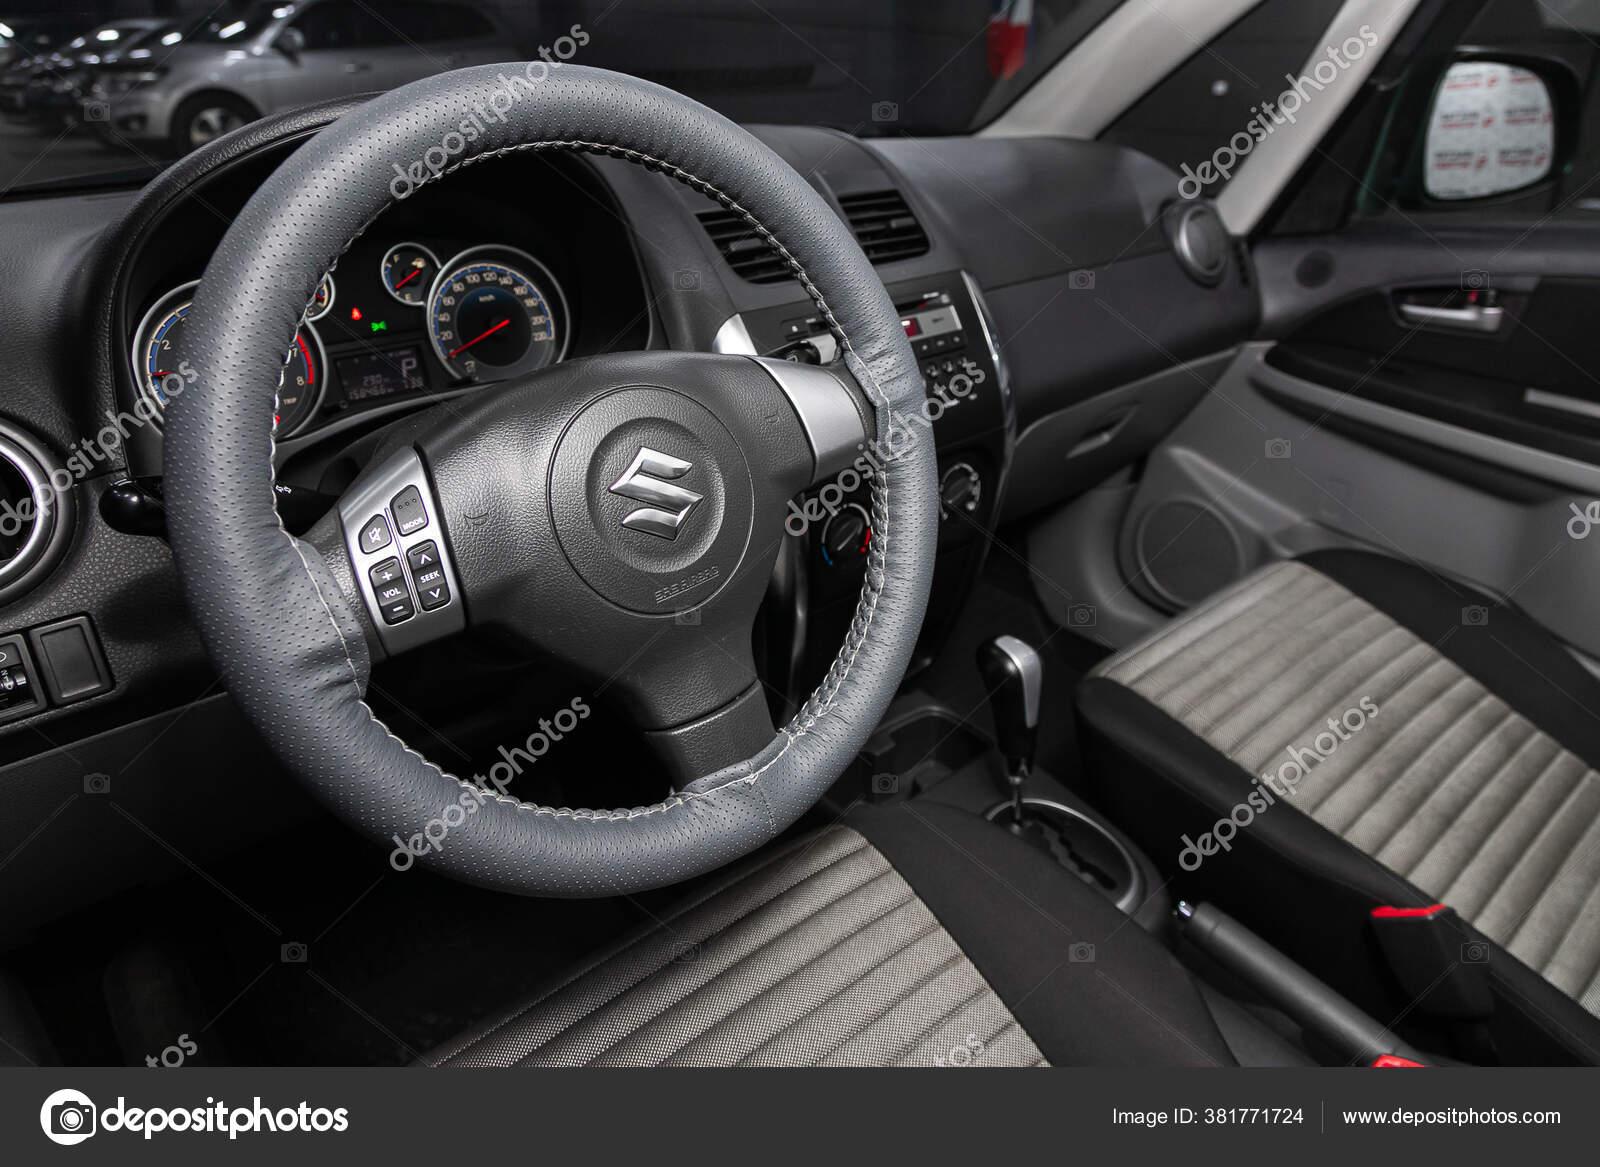 2020 Suzuki Sx4 Rumors